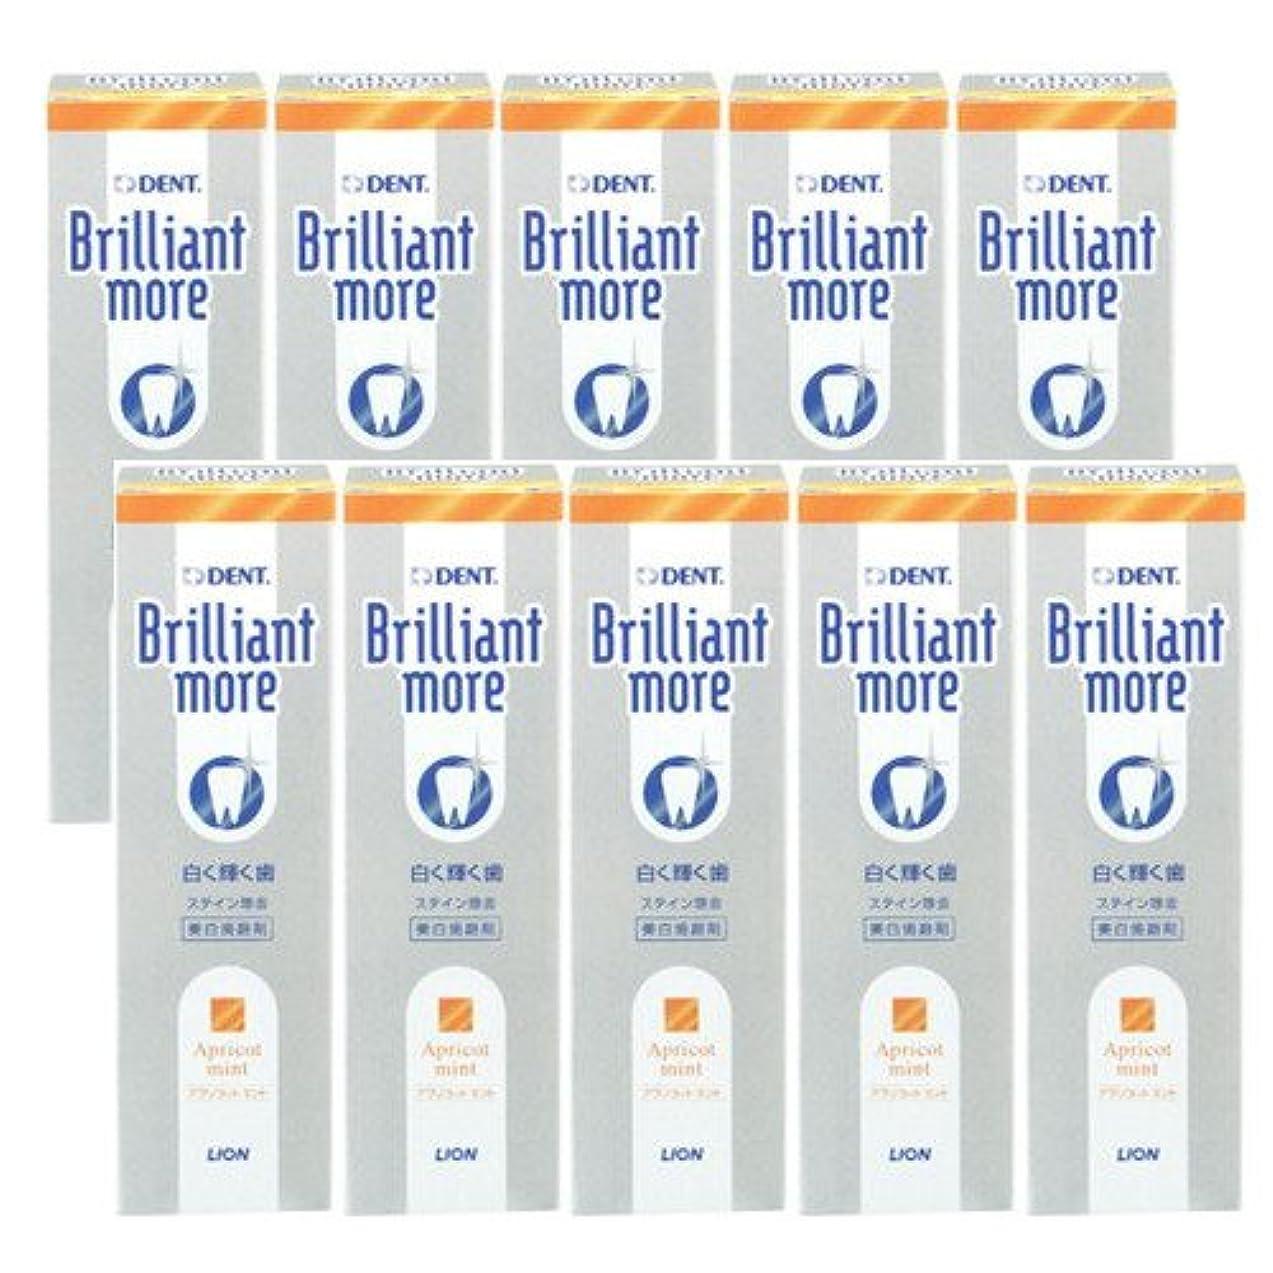 ハリケーンおびえた衛星ライオン ブリリアントモア アプリコットミント 美白歯磨剤 LION Brilliant more 10本セット